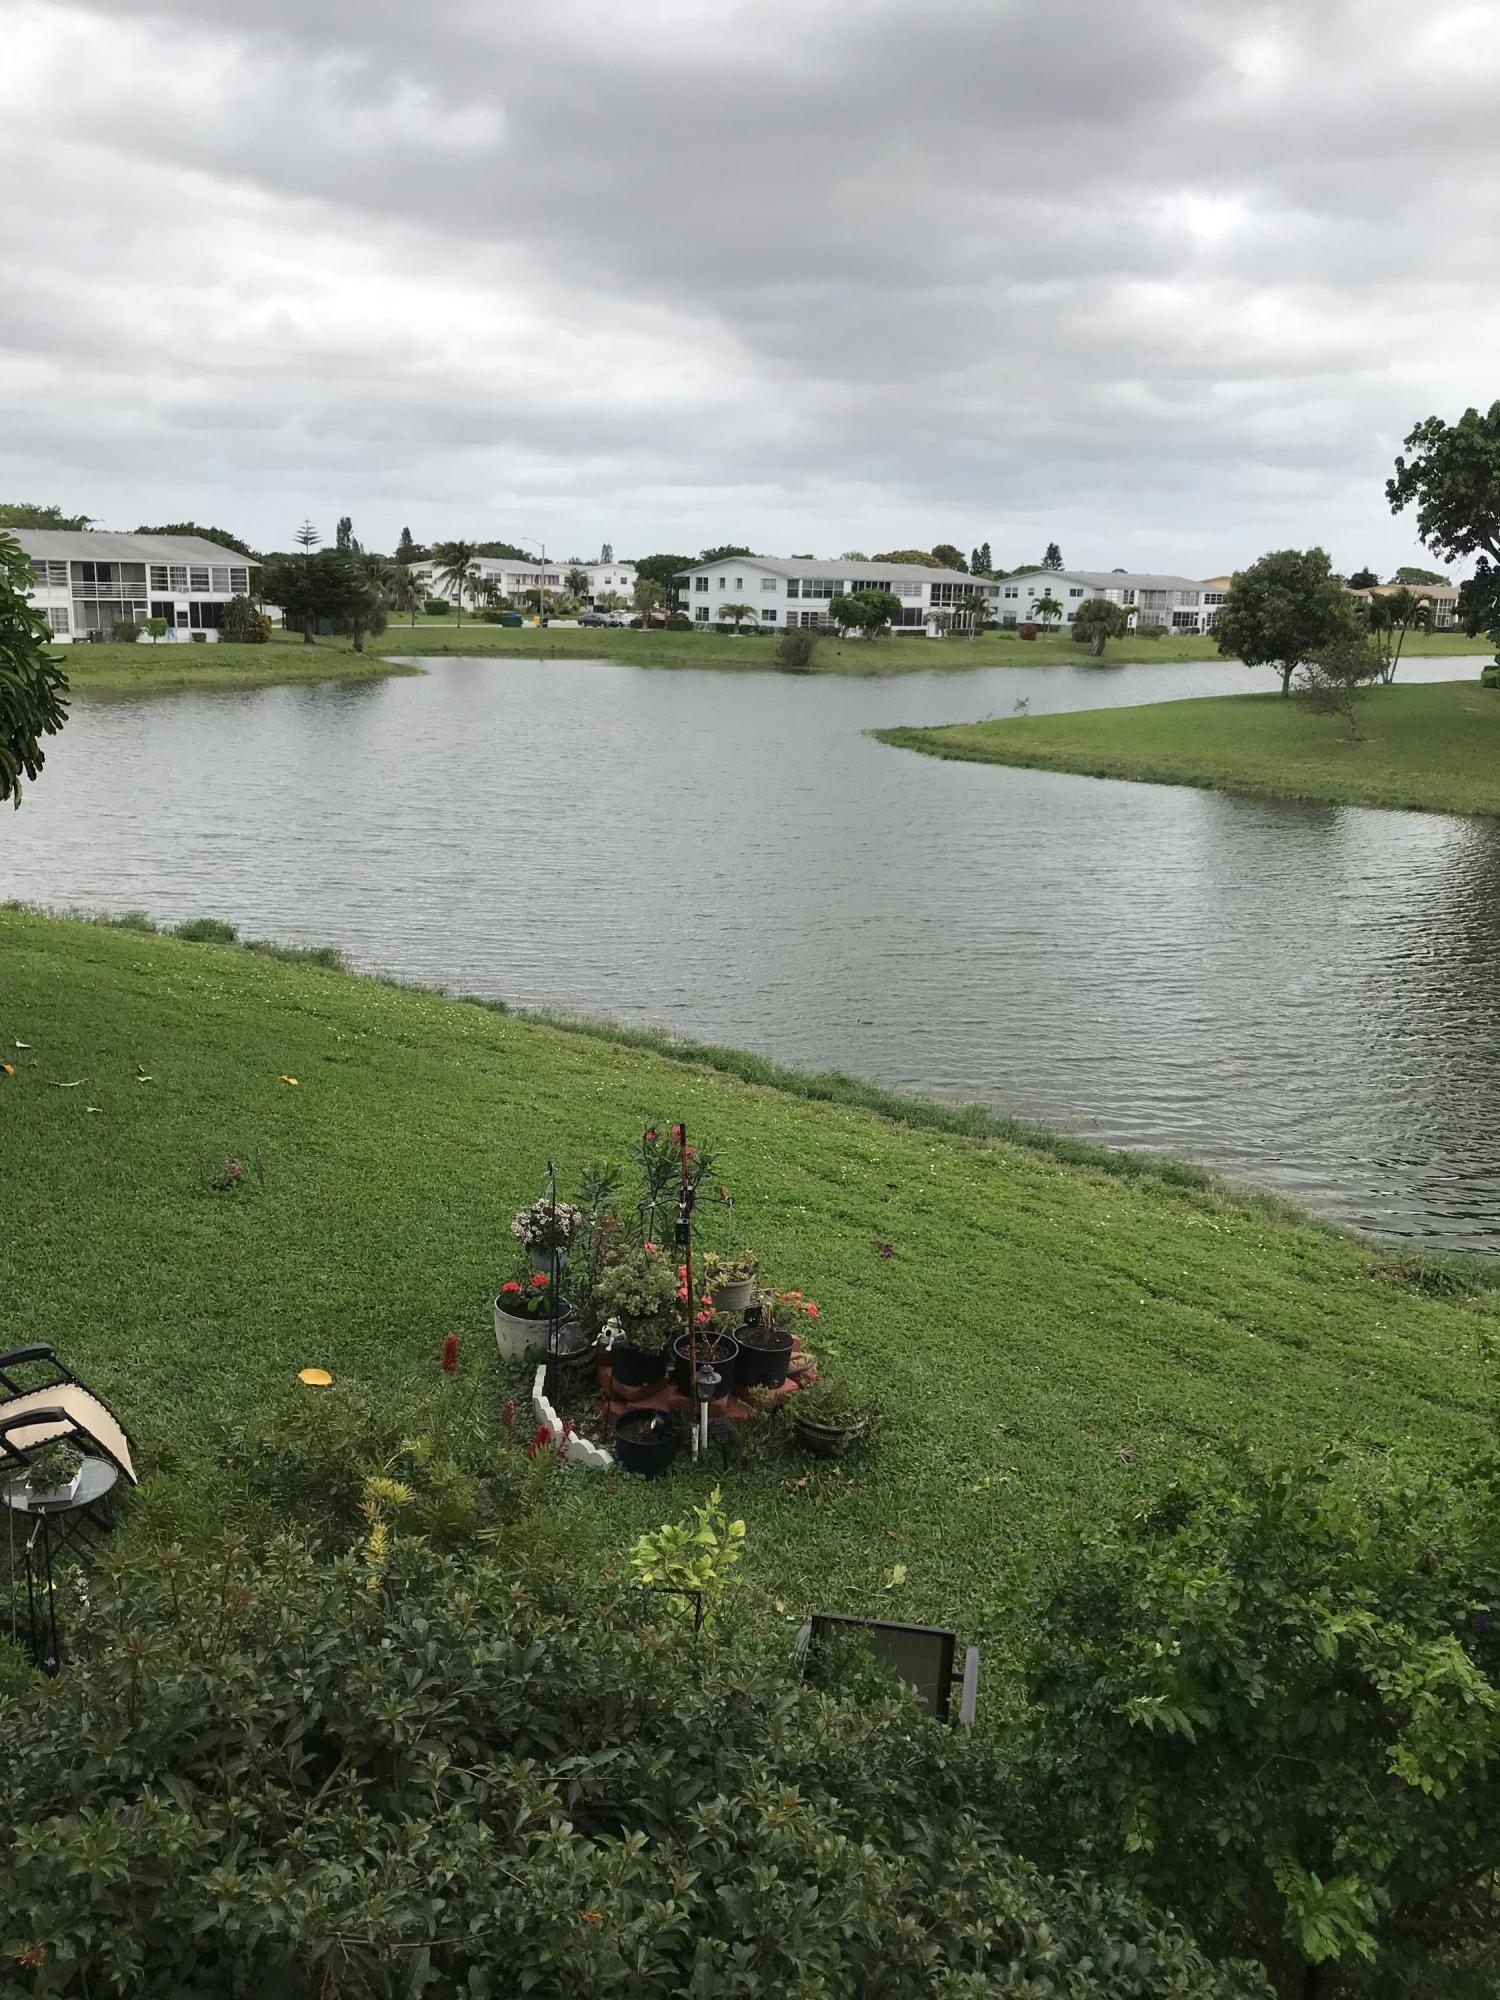 38 Windsor B, West Palm Beach, Florida 33417, 1 Bedroom Bedrooms, ,1 BathroomBathrooms,Condo/Coop,For Rent,Windsor B,2,RX-10572975